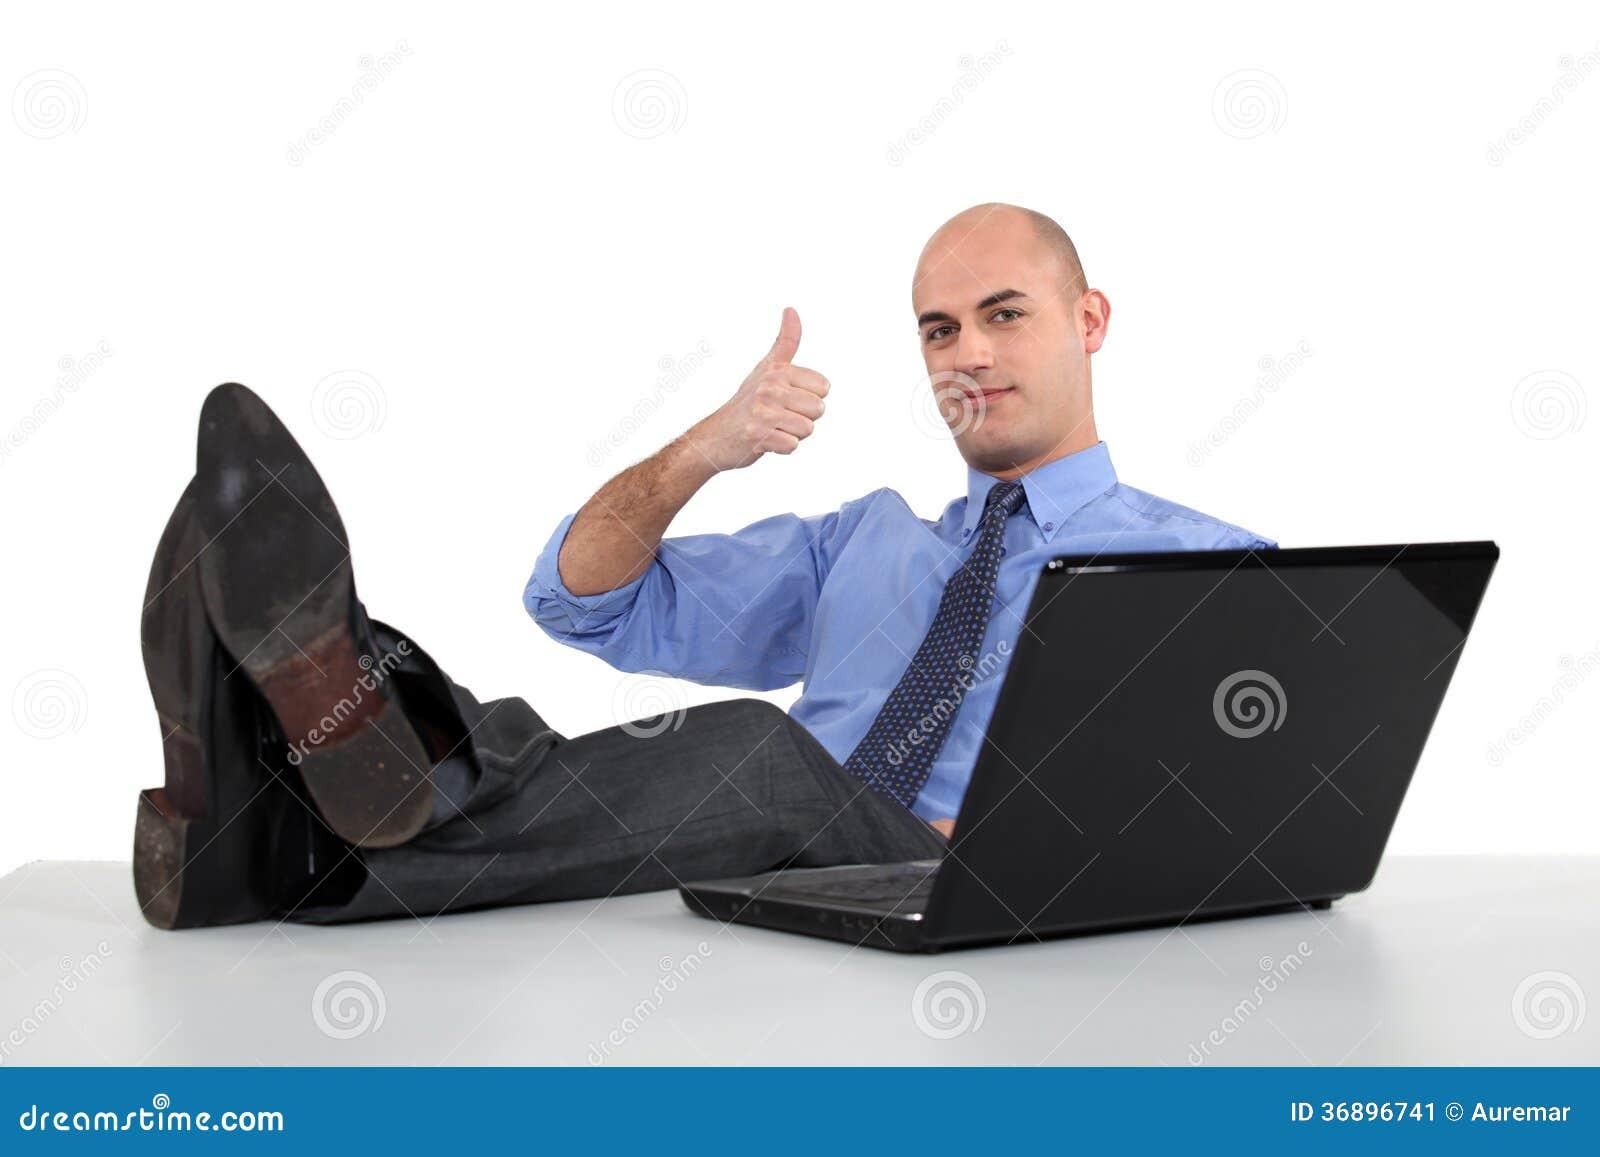 Homme Avec Des Pieds Sur La Table Image Stock Image Du Bureau